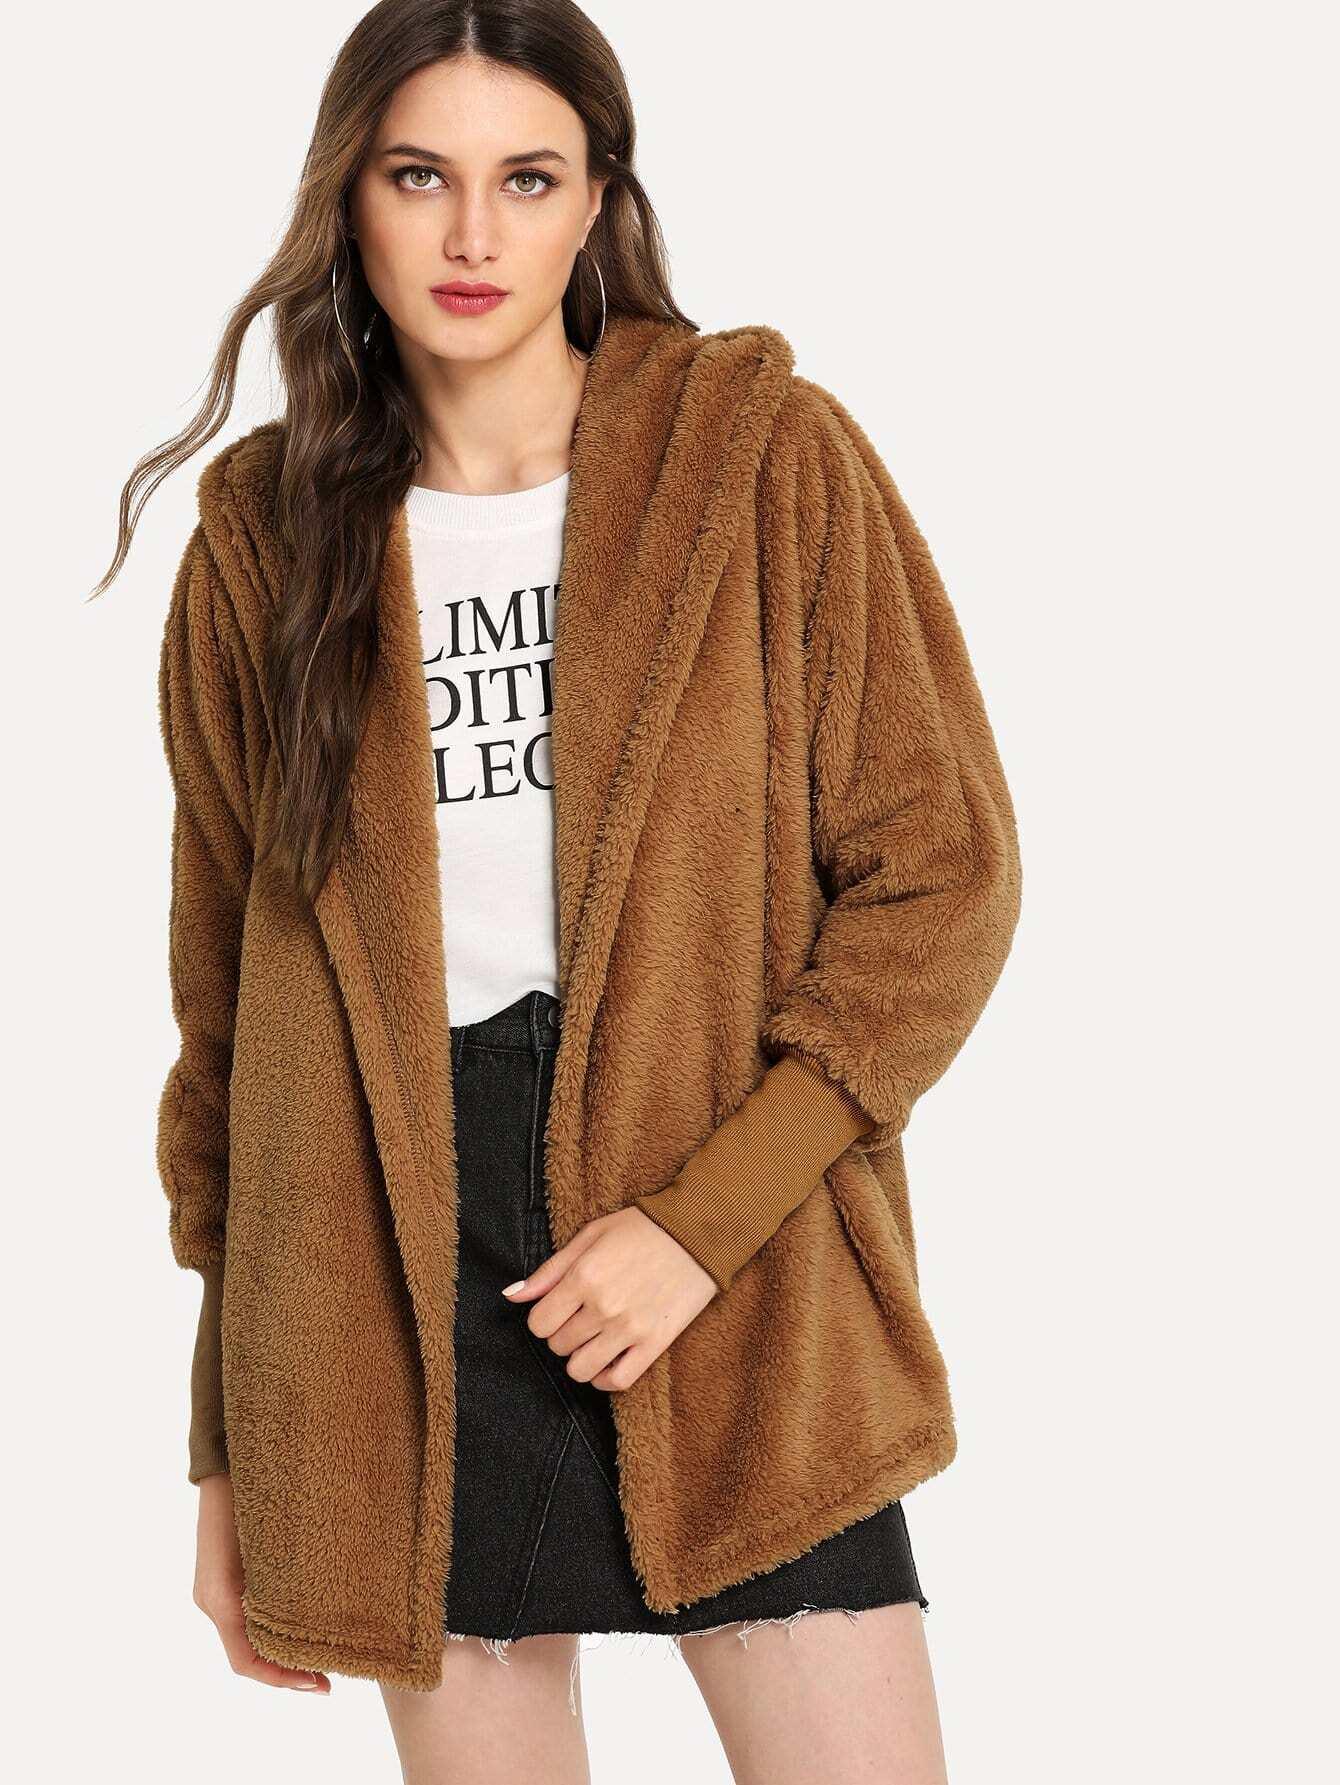 Однотонное пушистое пальто с капюшоном, Tatiana, SheIn  - купить со скидкой